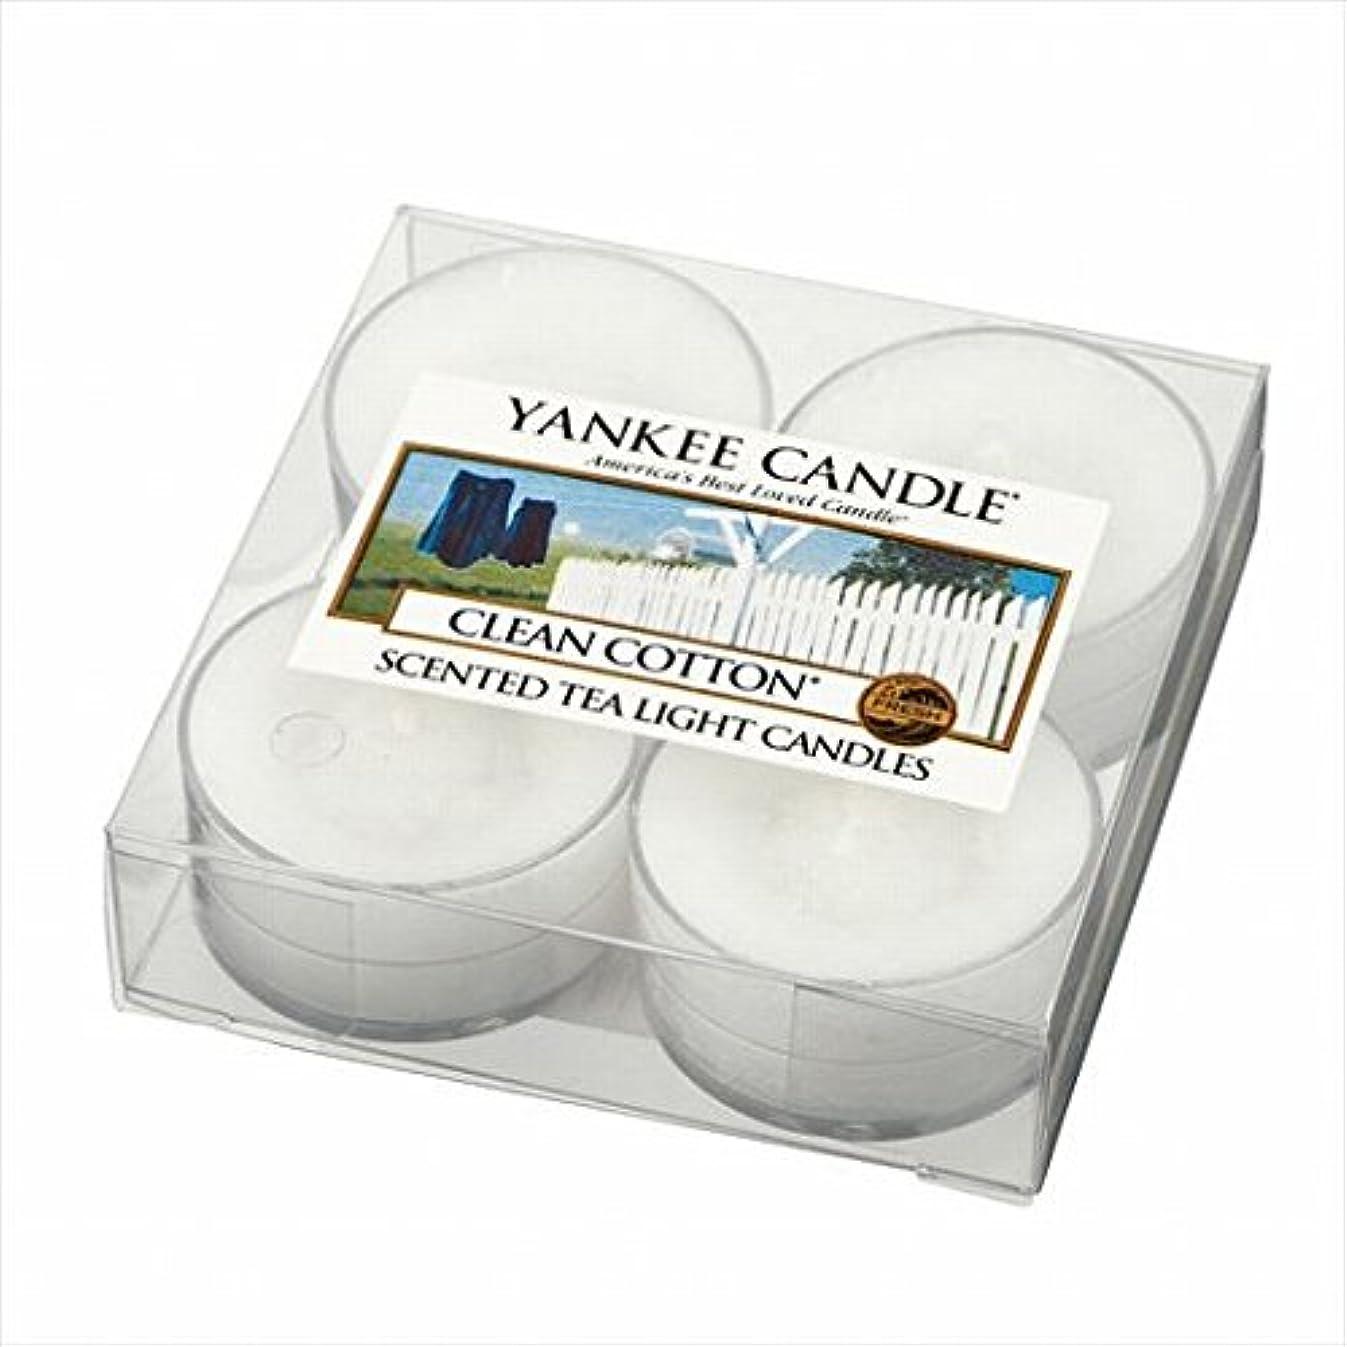 定規オーバーラン旅カメヤマキャンドル( kameyama candle ) YANKEE CANDLE クリアカップティーライト4個入り 「 クリーンコットン 」